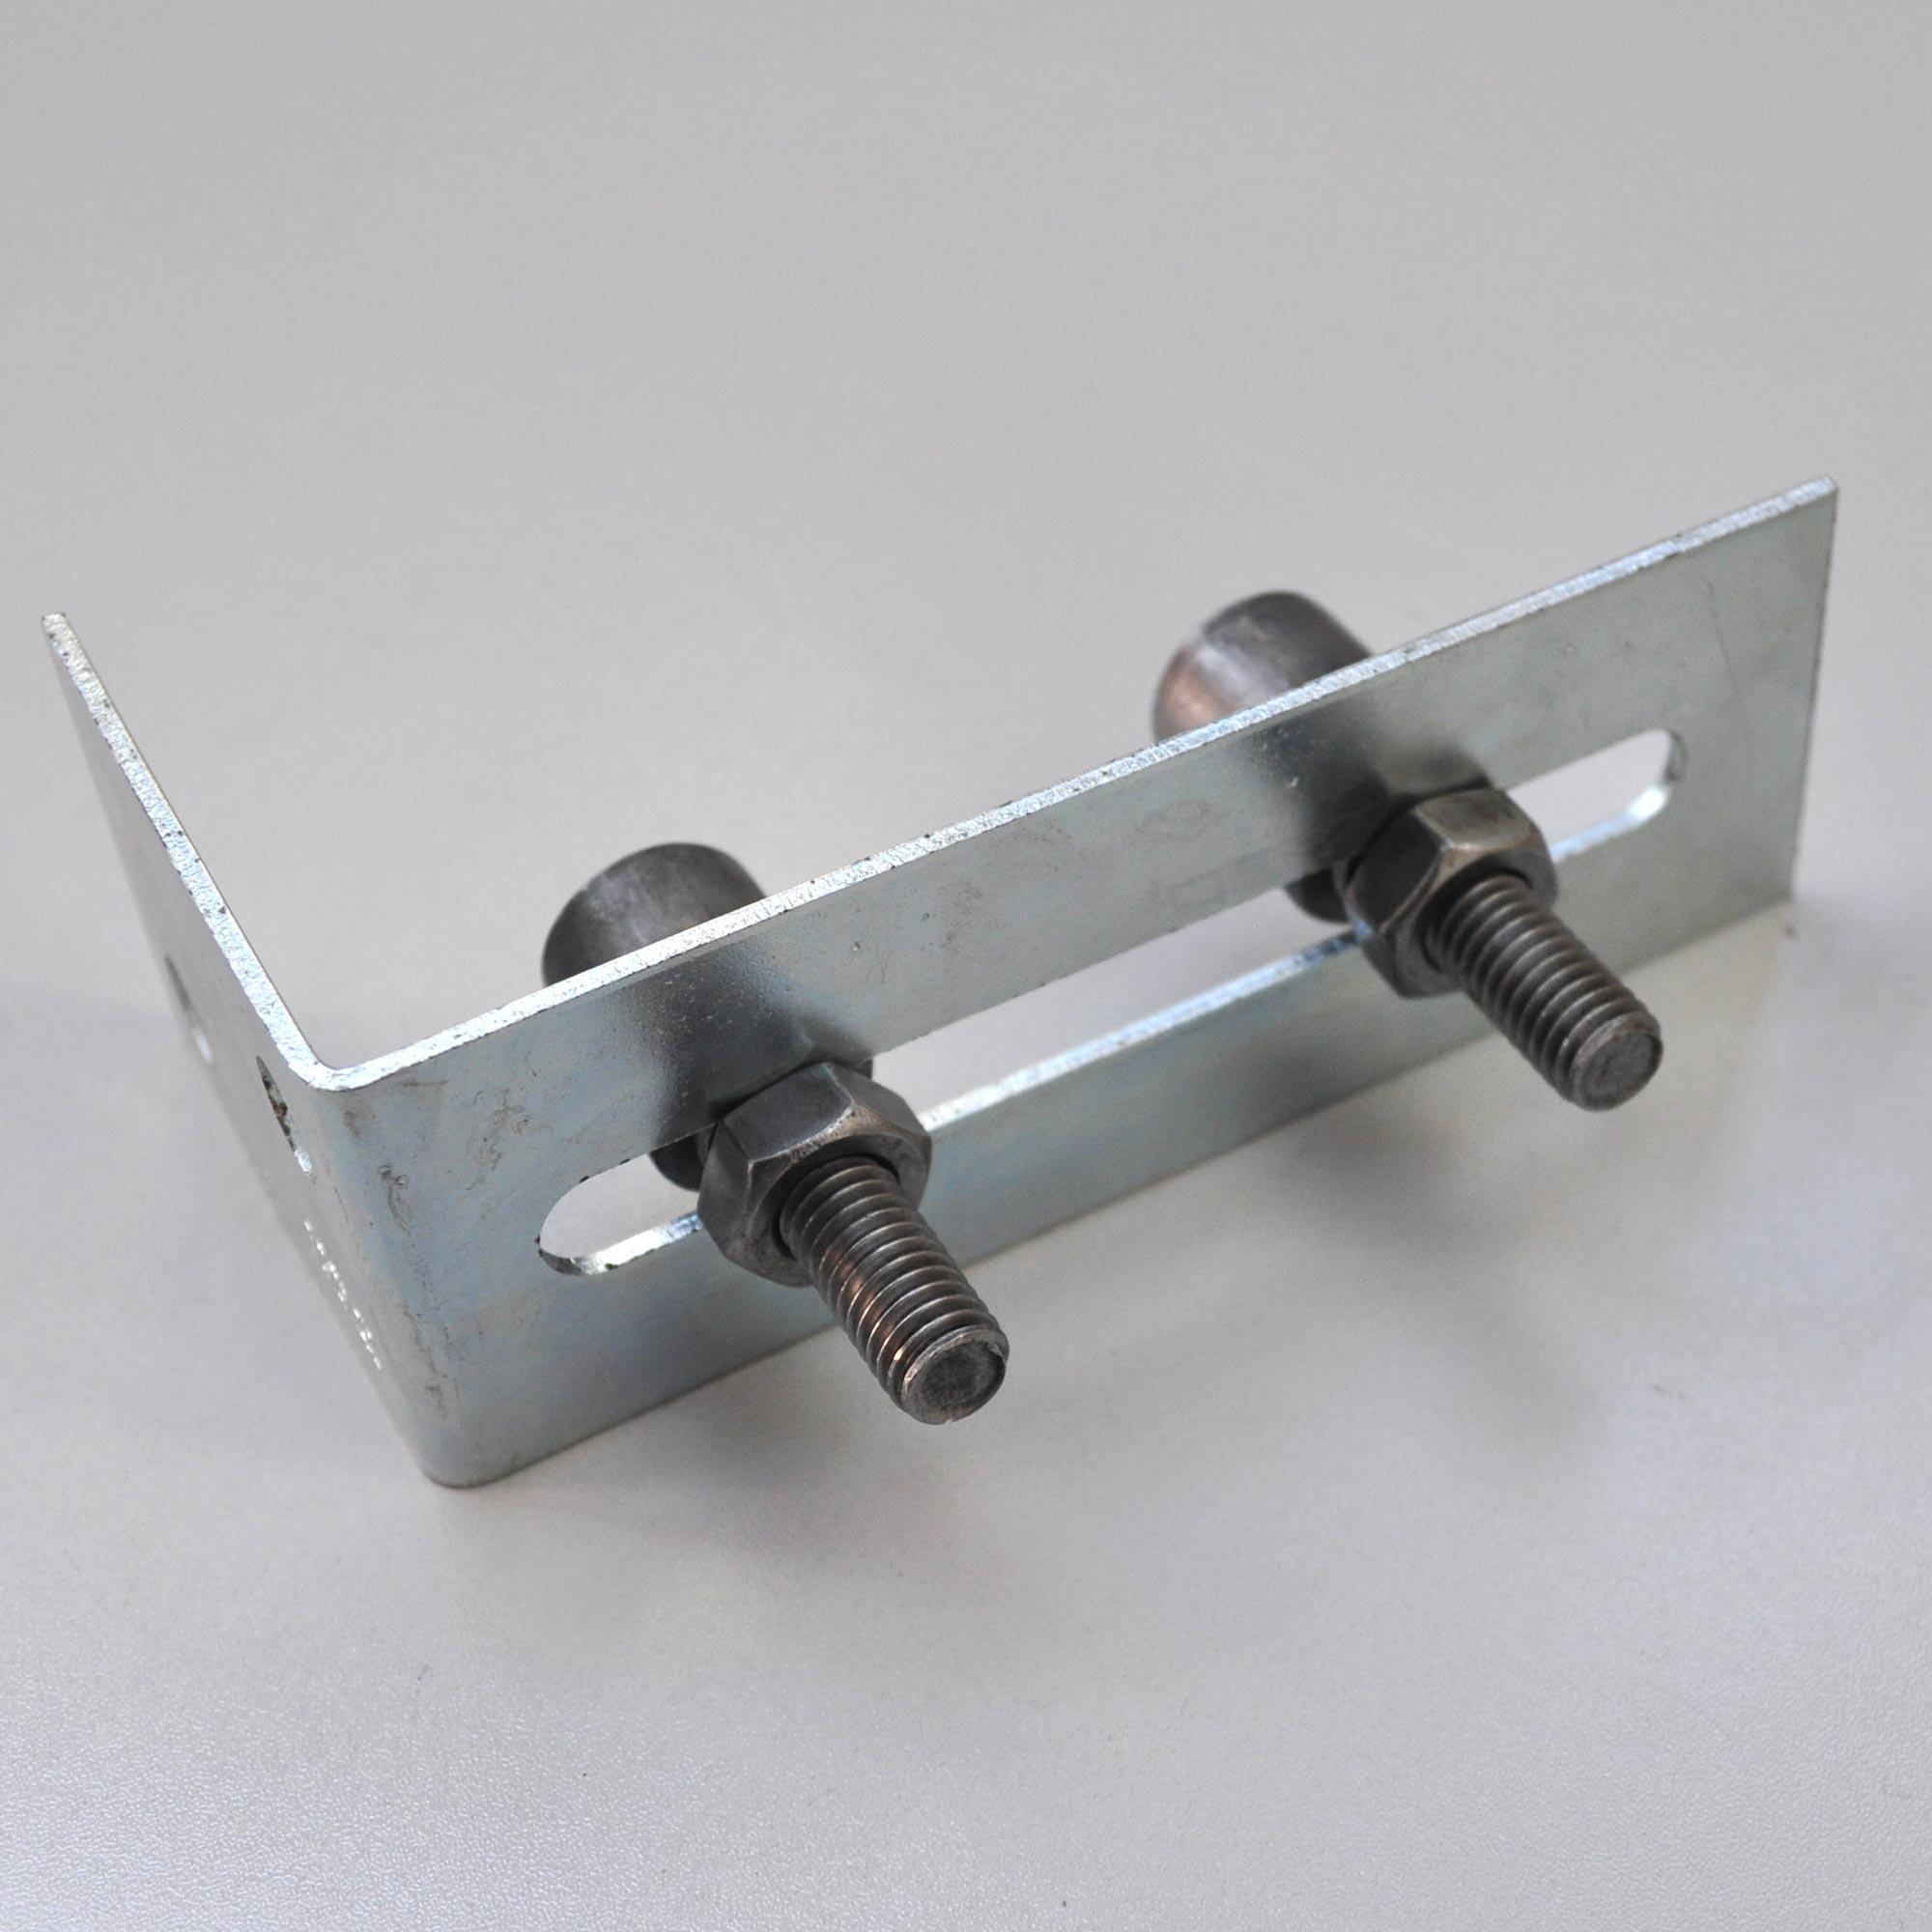 Fuhrungsbock Schmal Mit 2 Fuhrungsrollen Aus Stahl O37